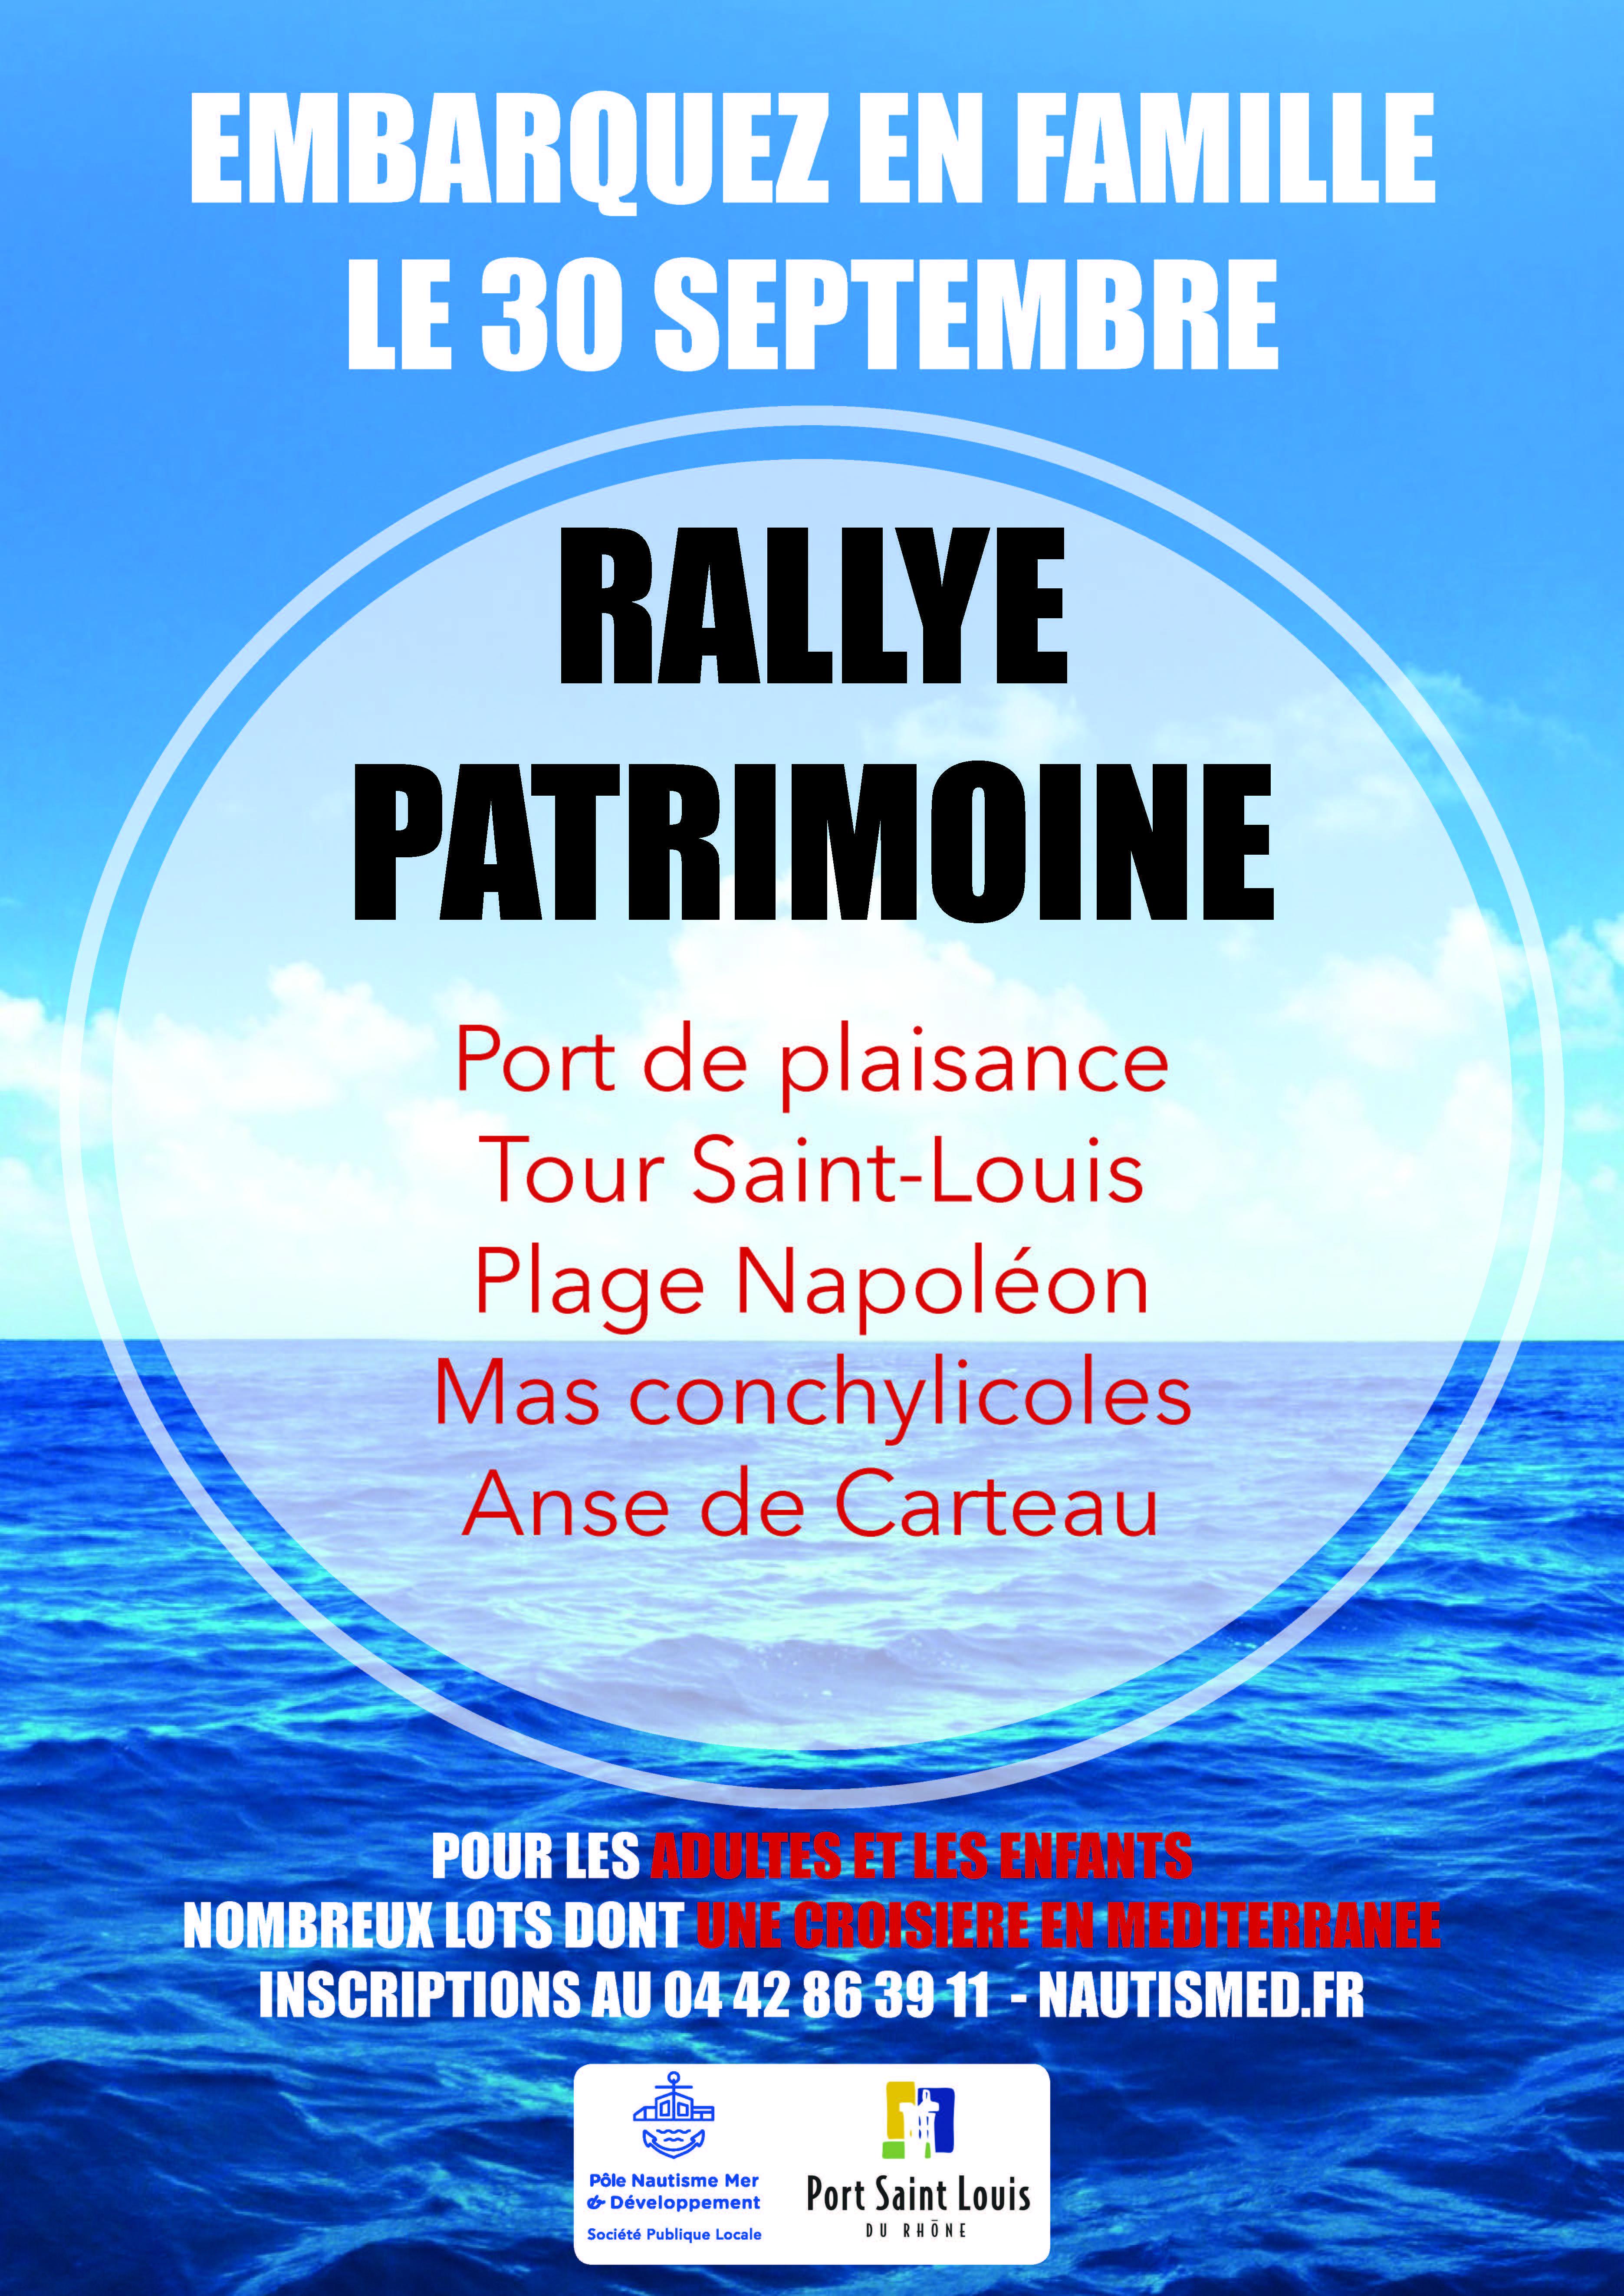 RALLYE PATRIMOINE